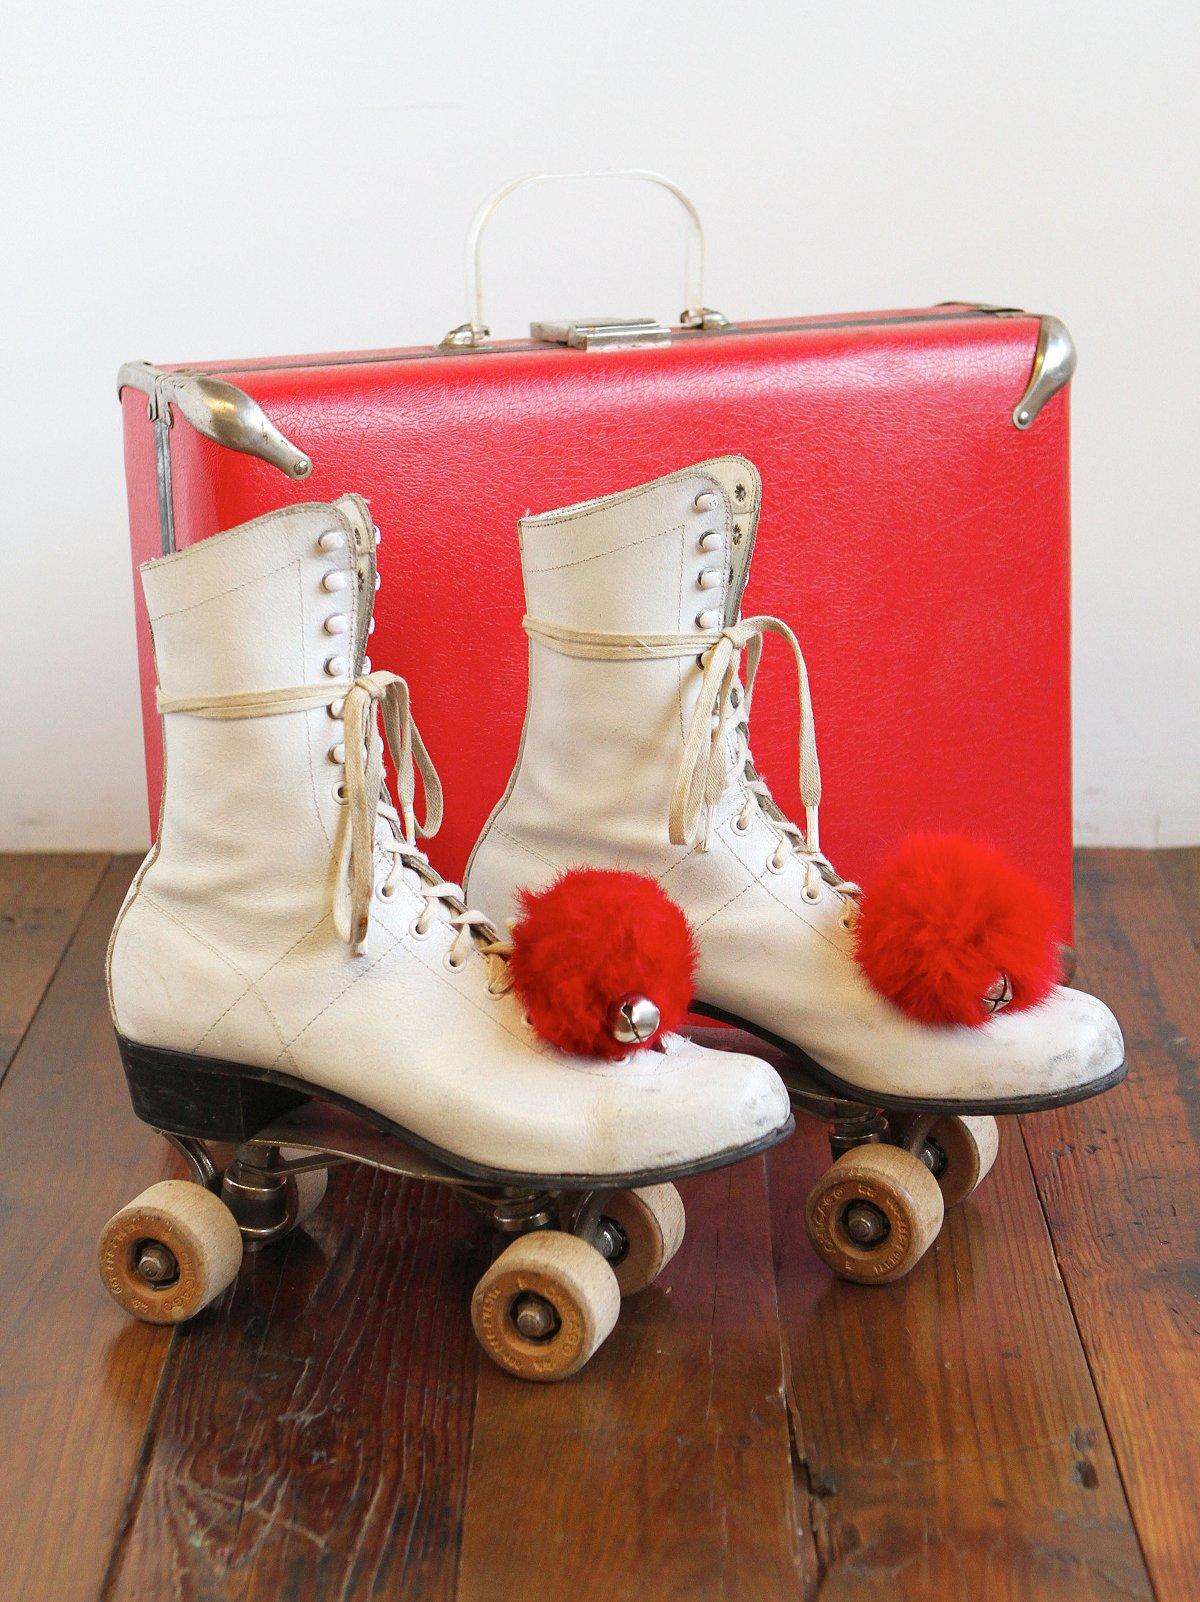 Vintage Rollerskates with Case